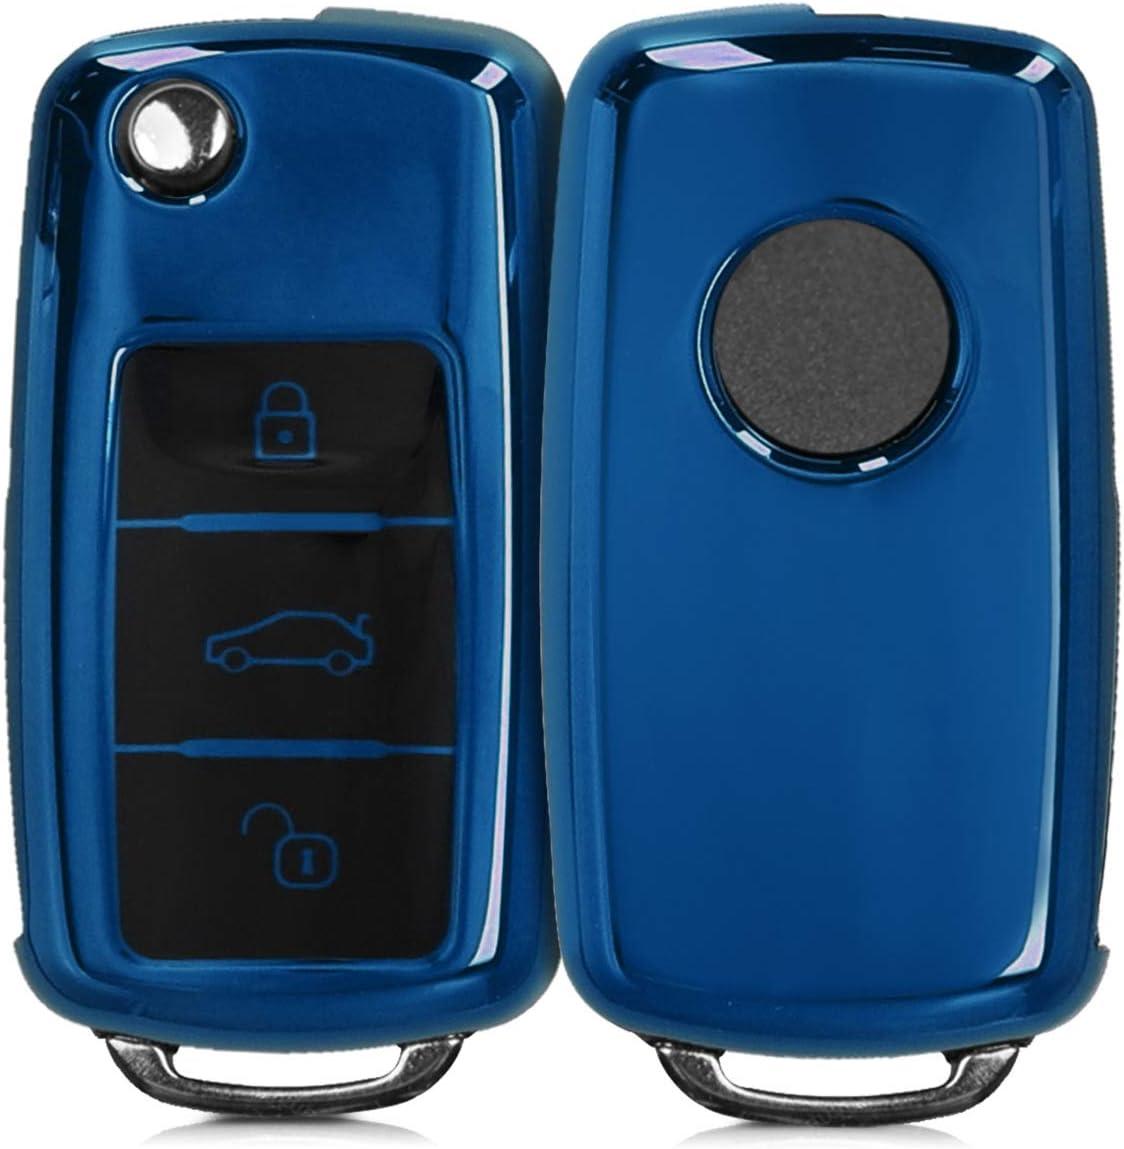 kwmobile Funda para Mando Compatible con VW Skoda Seat Llave de Coche de 3 Botones: Amazon.es: Electrónica